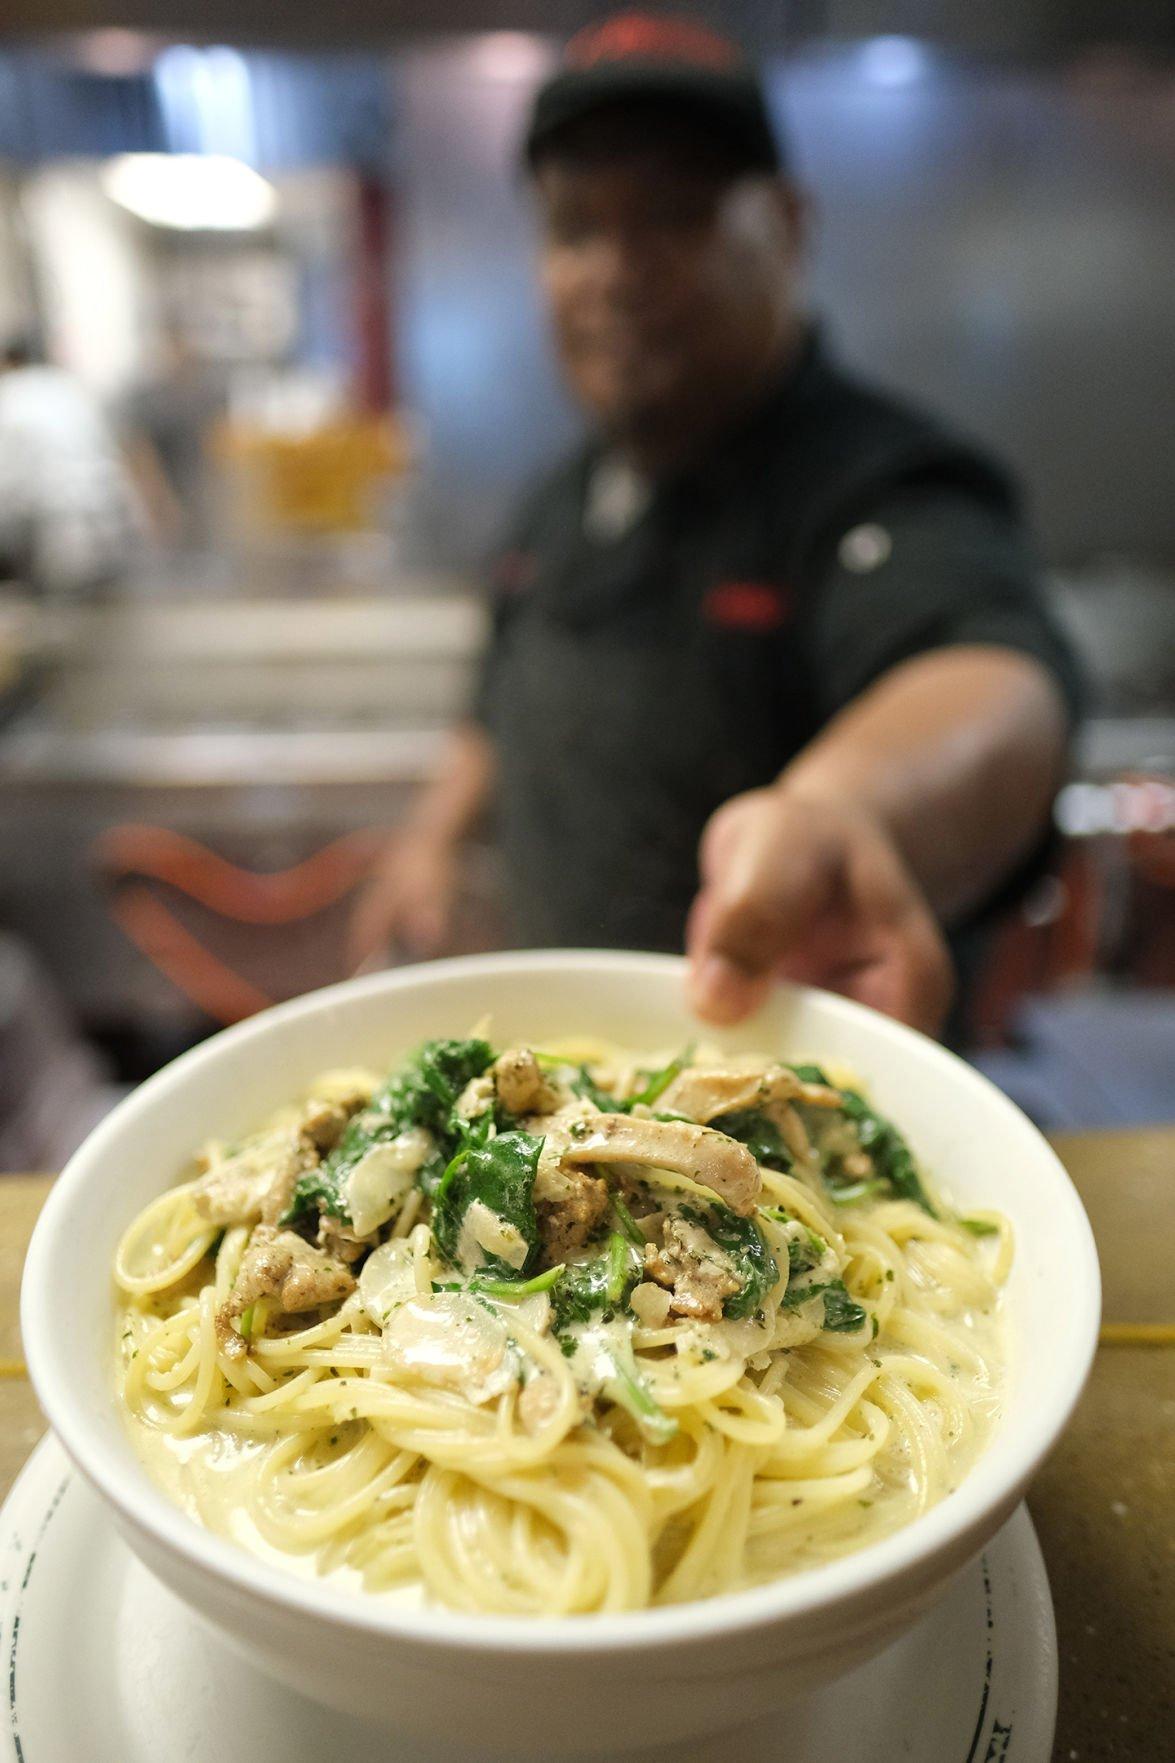 Capricciosa Ristorante Italiano: A Japanese chef's Italian legacy continues to please